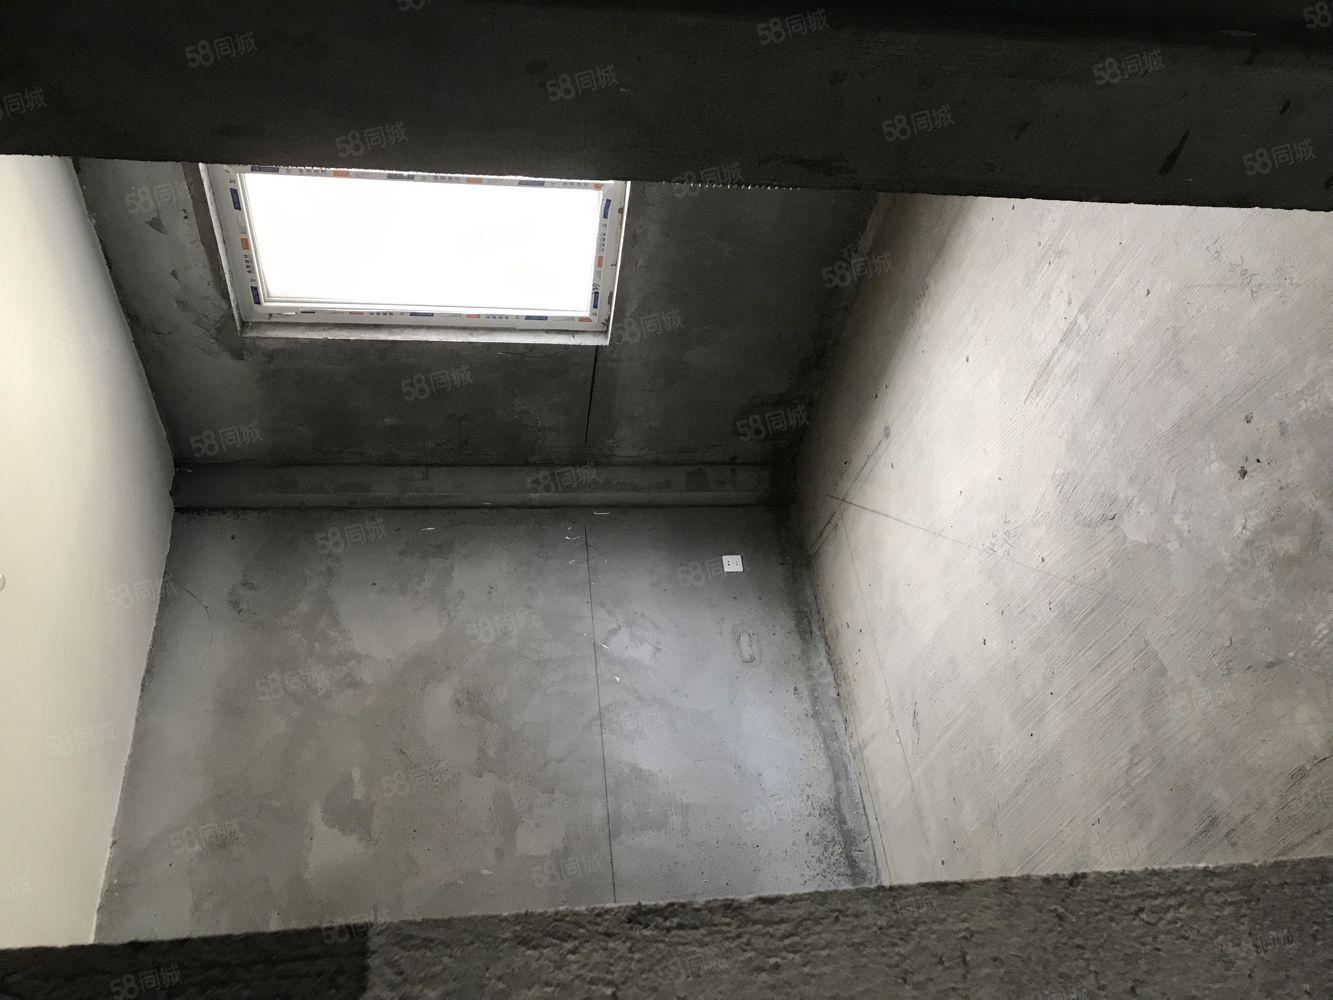 華泰豪庭毛坯三室,兩套房可選價格可談,有鑰匙,看房隨時